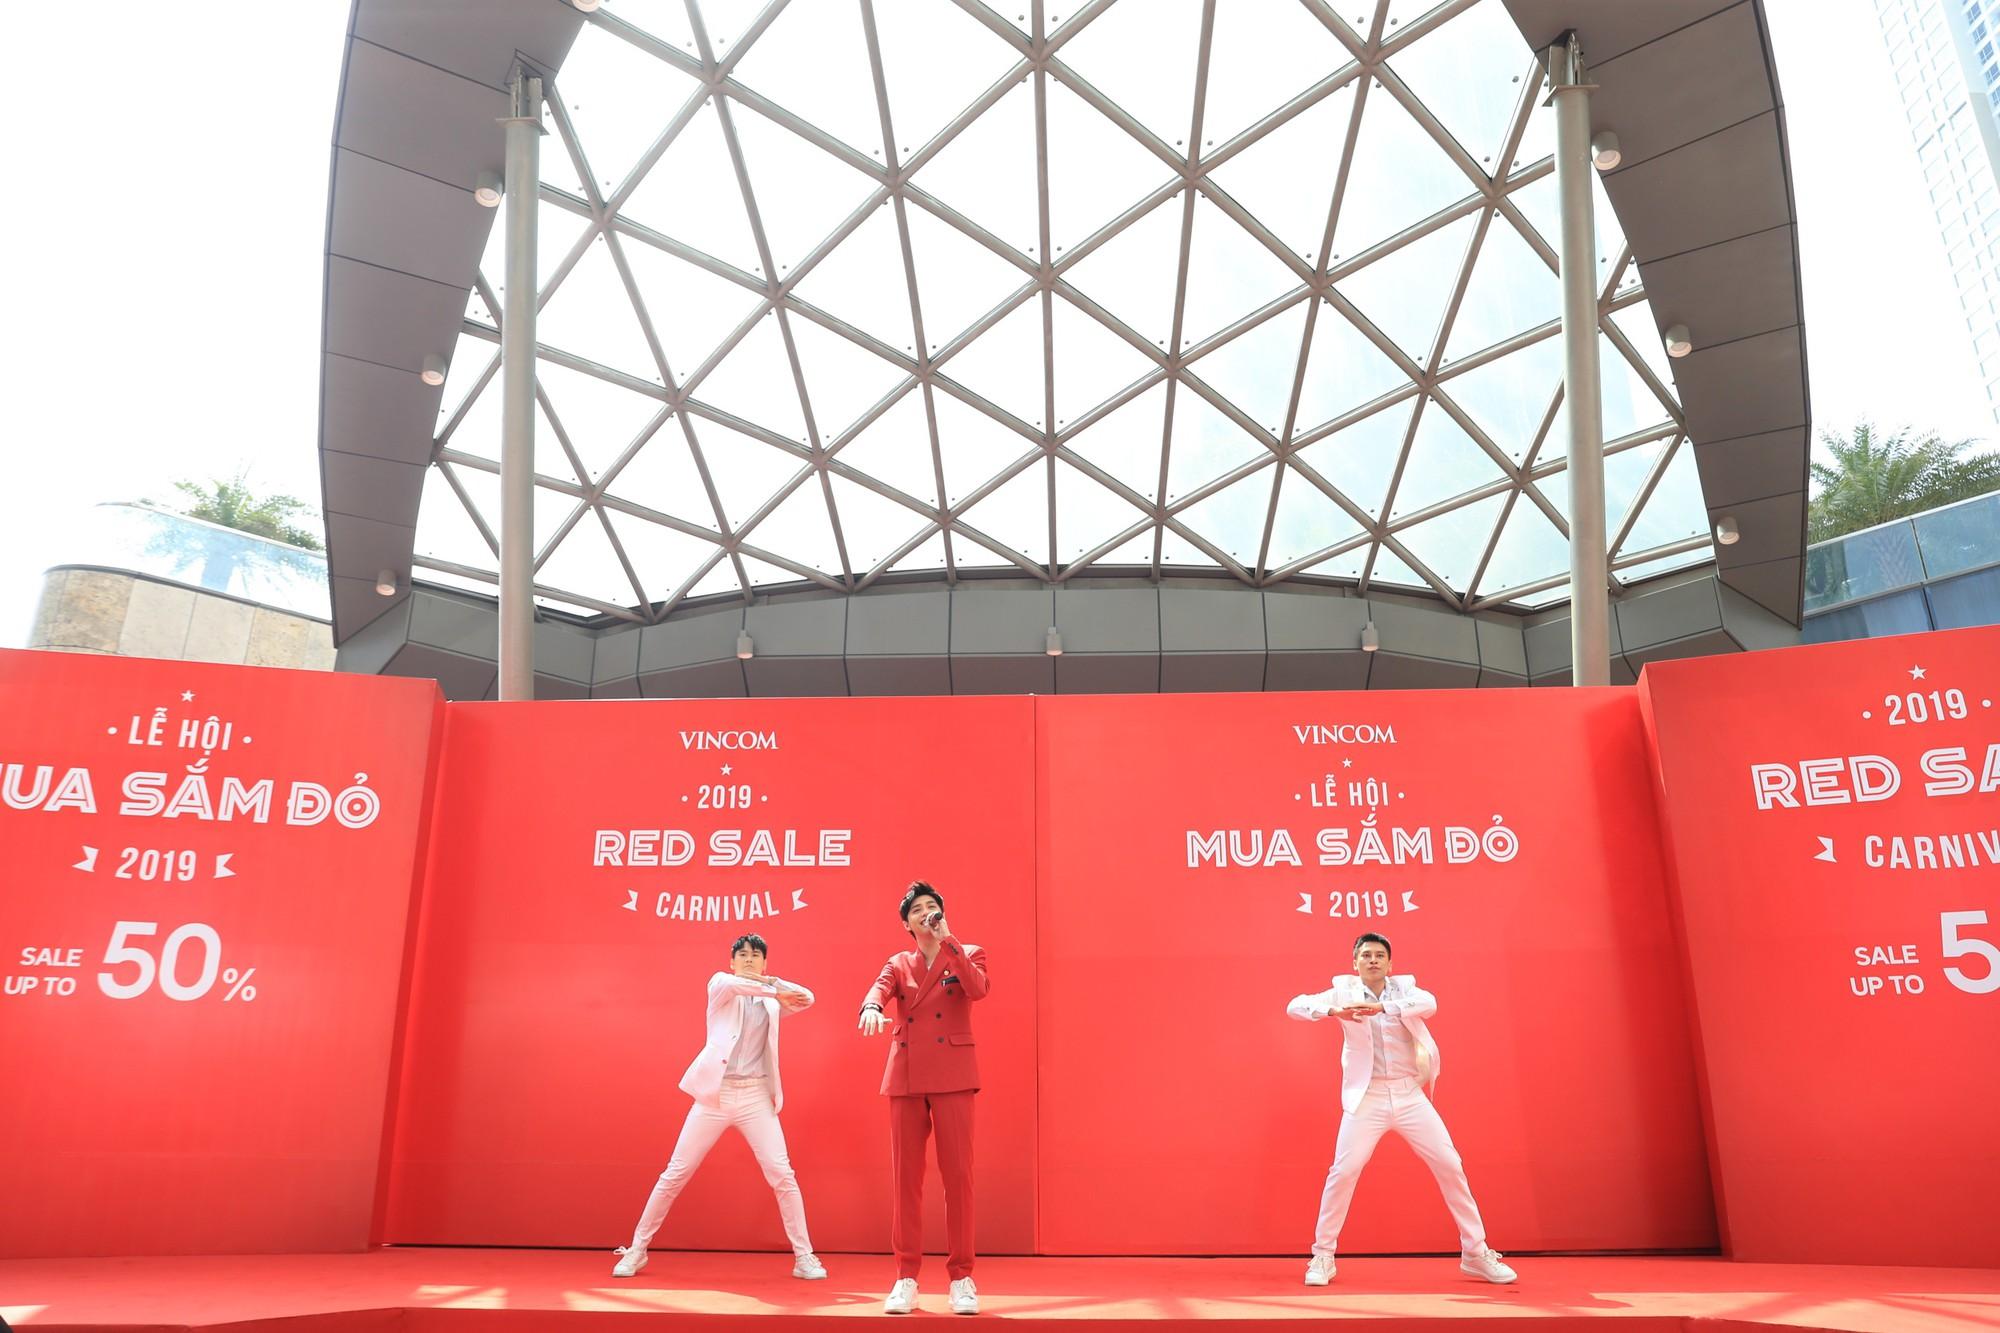 Noo Phước Thịnh điển trai, khuấy động lễ khai mạc Vincom Red Sale Carnival 2019 - Ảnh 1.